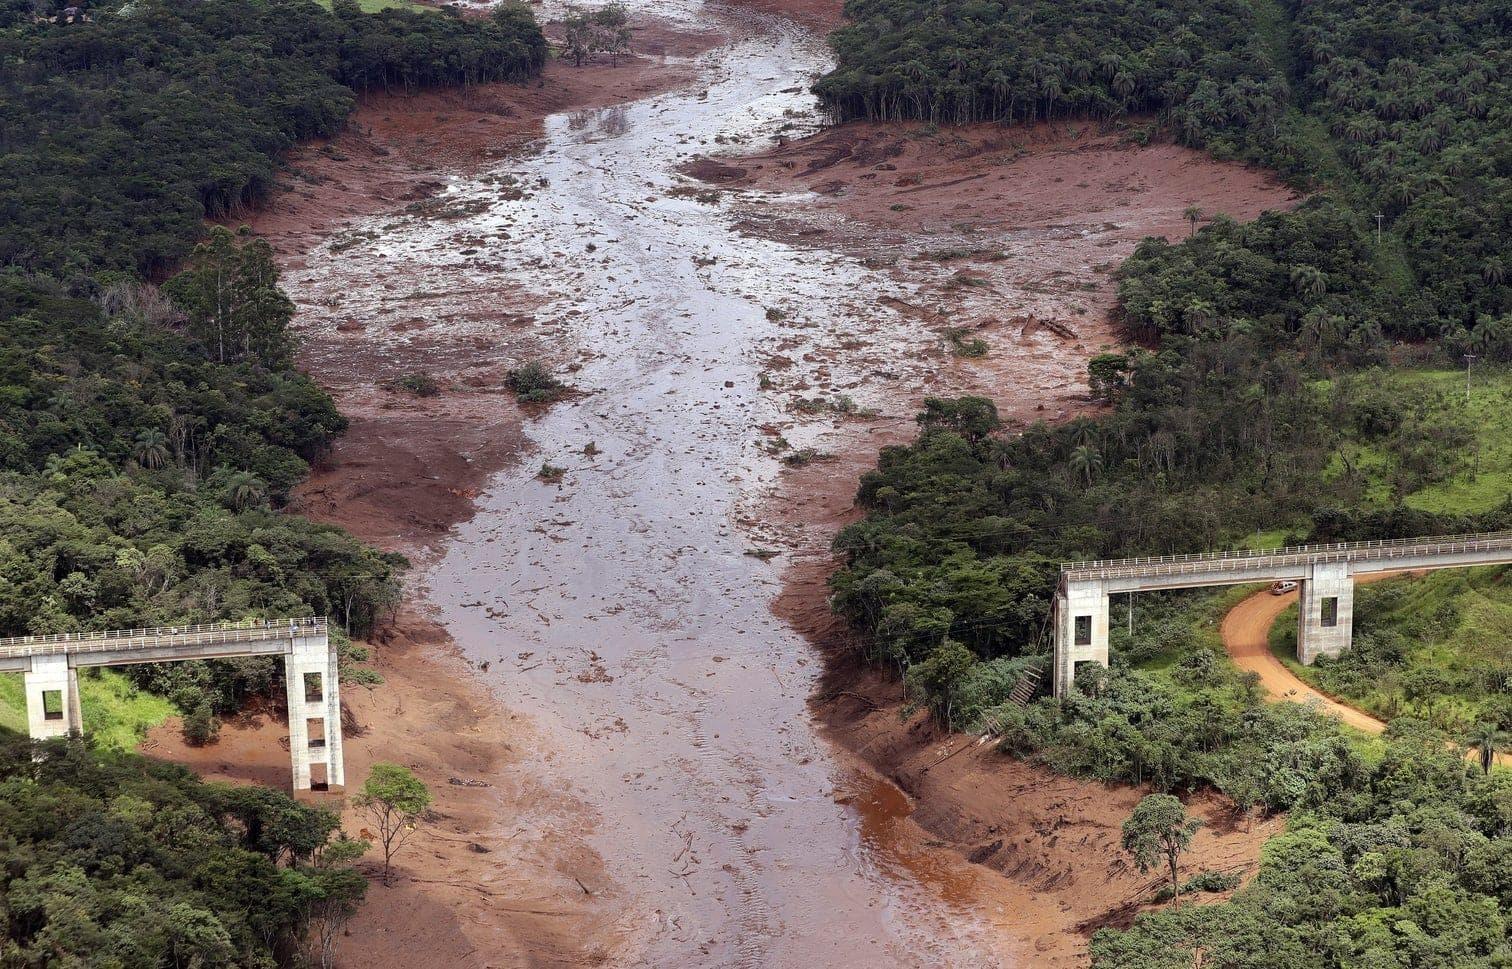 <p>Wegen der Gefahr eines weiteren Dammbruchs mussten die Sucharbeiten vorübergehend unterbrochen werden.</p> Foto: dpa/Andre Penner